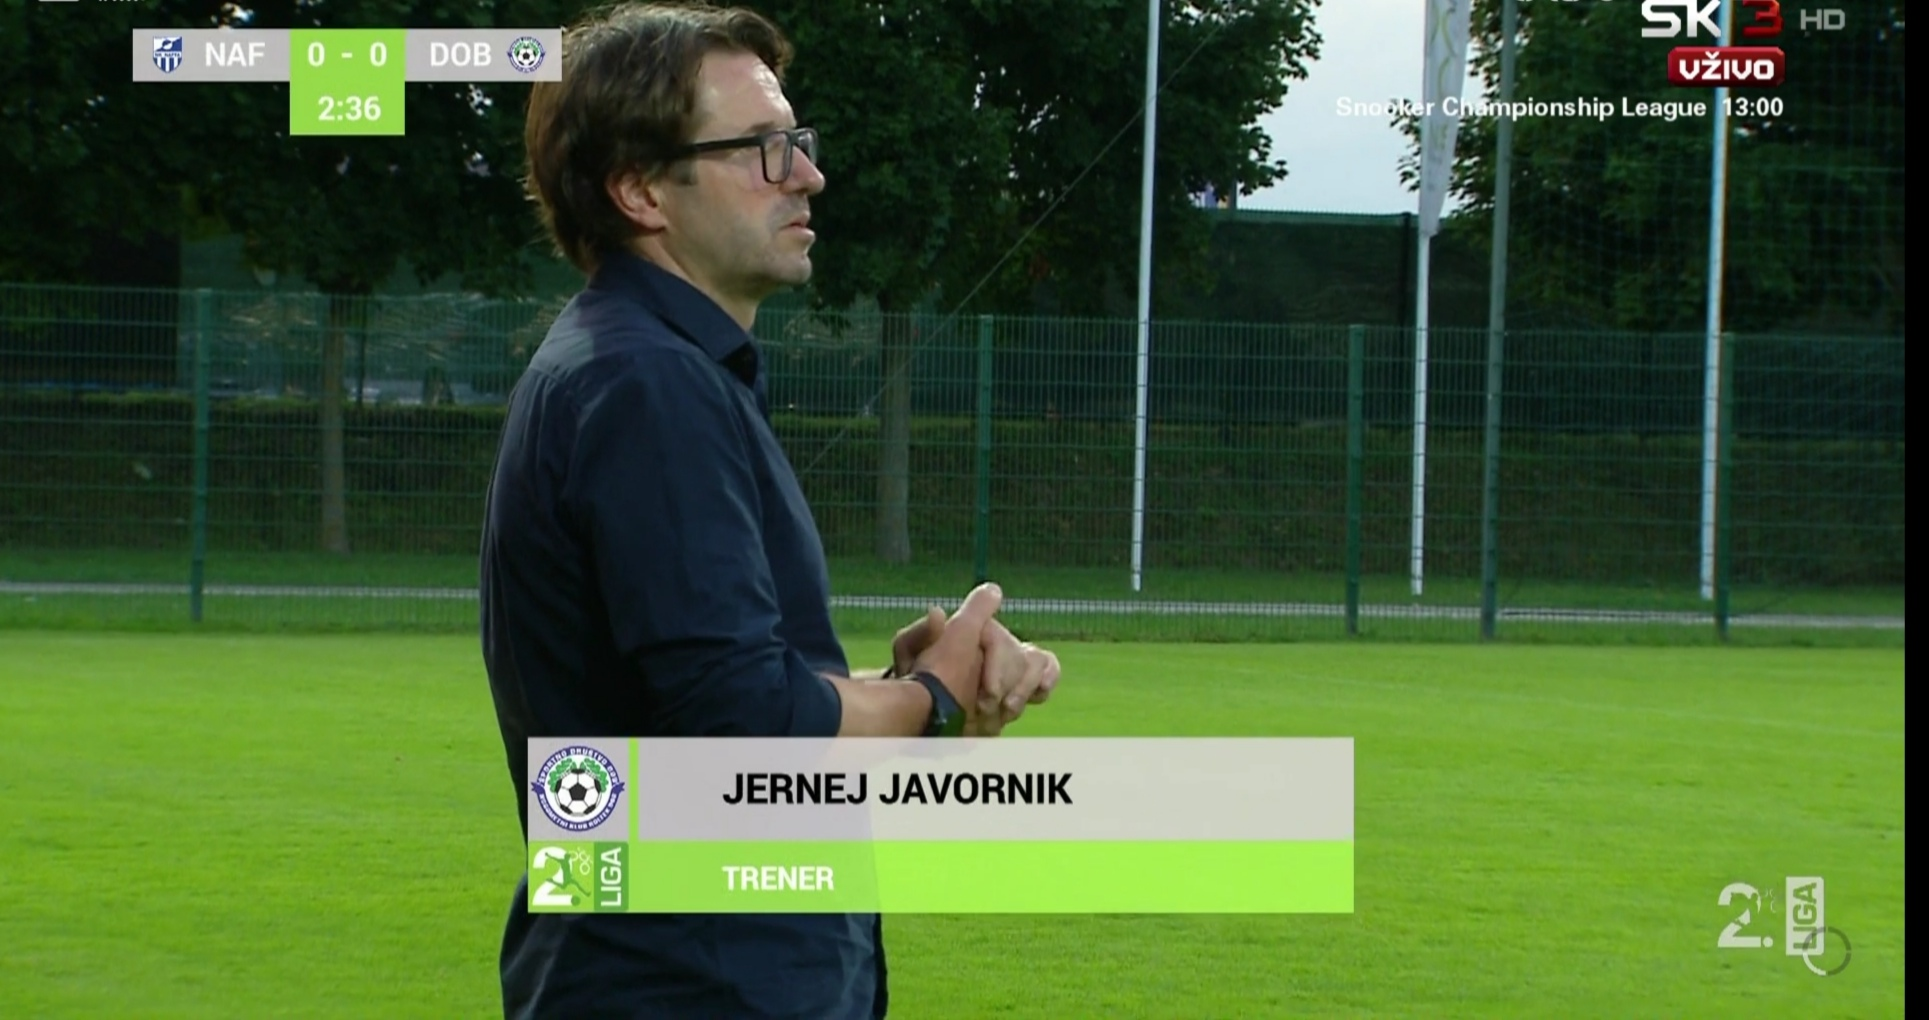 Jernej Javornik